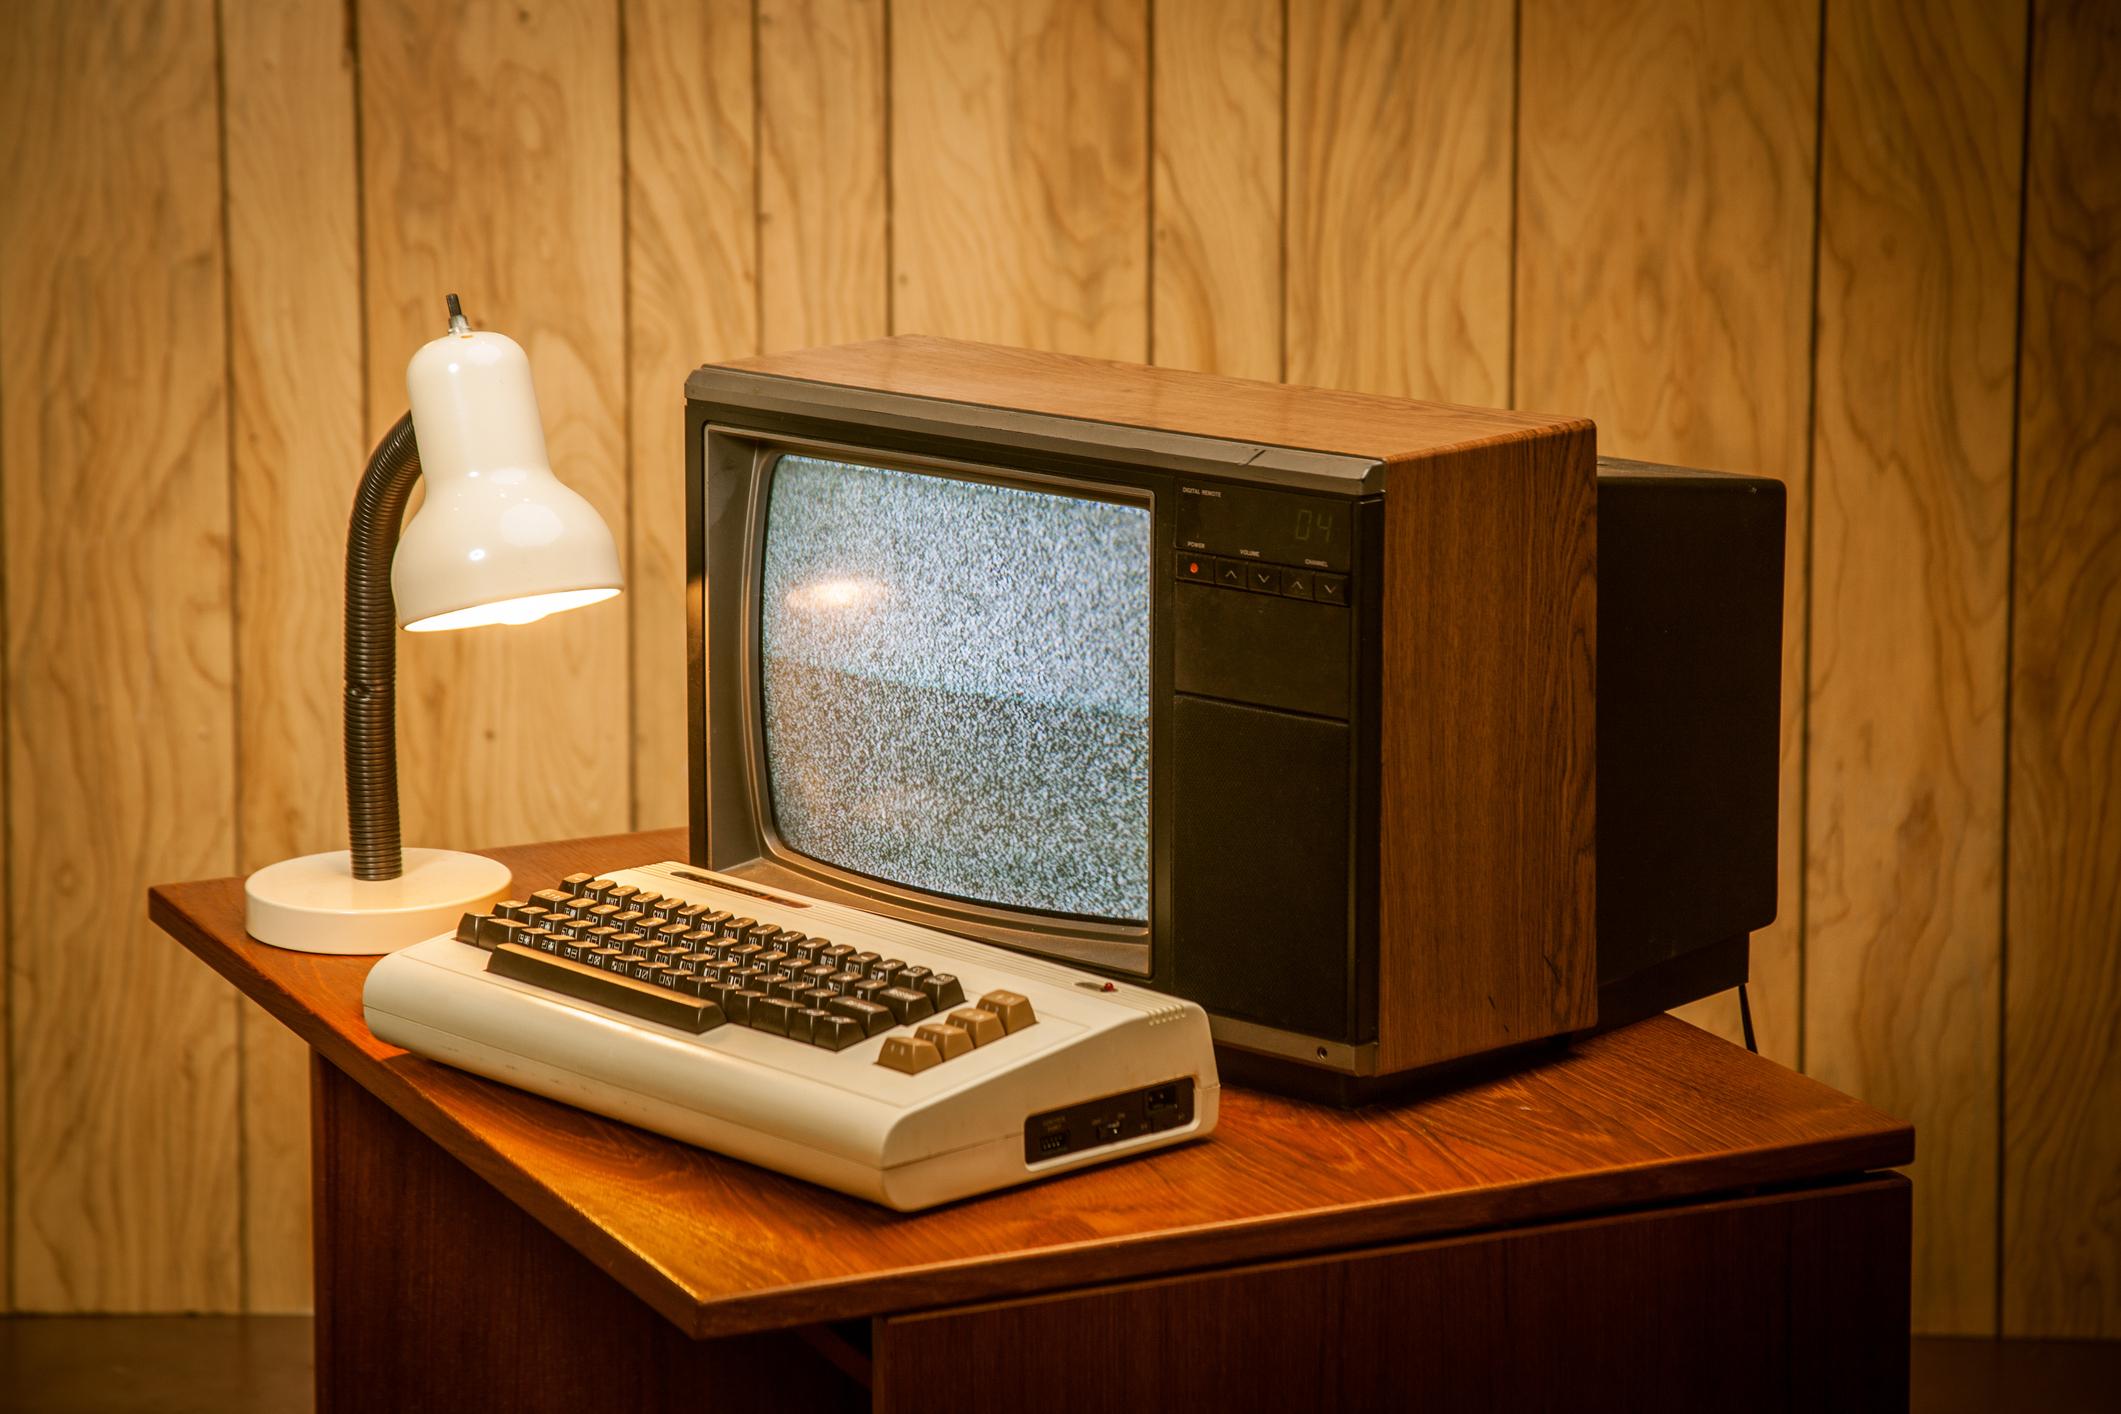 Hemdatorn Commodore 64